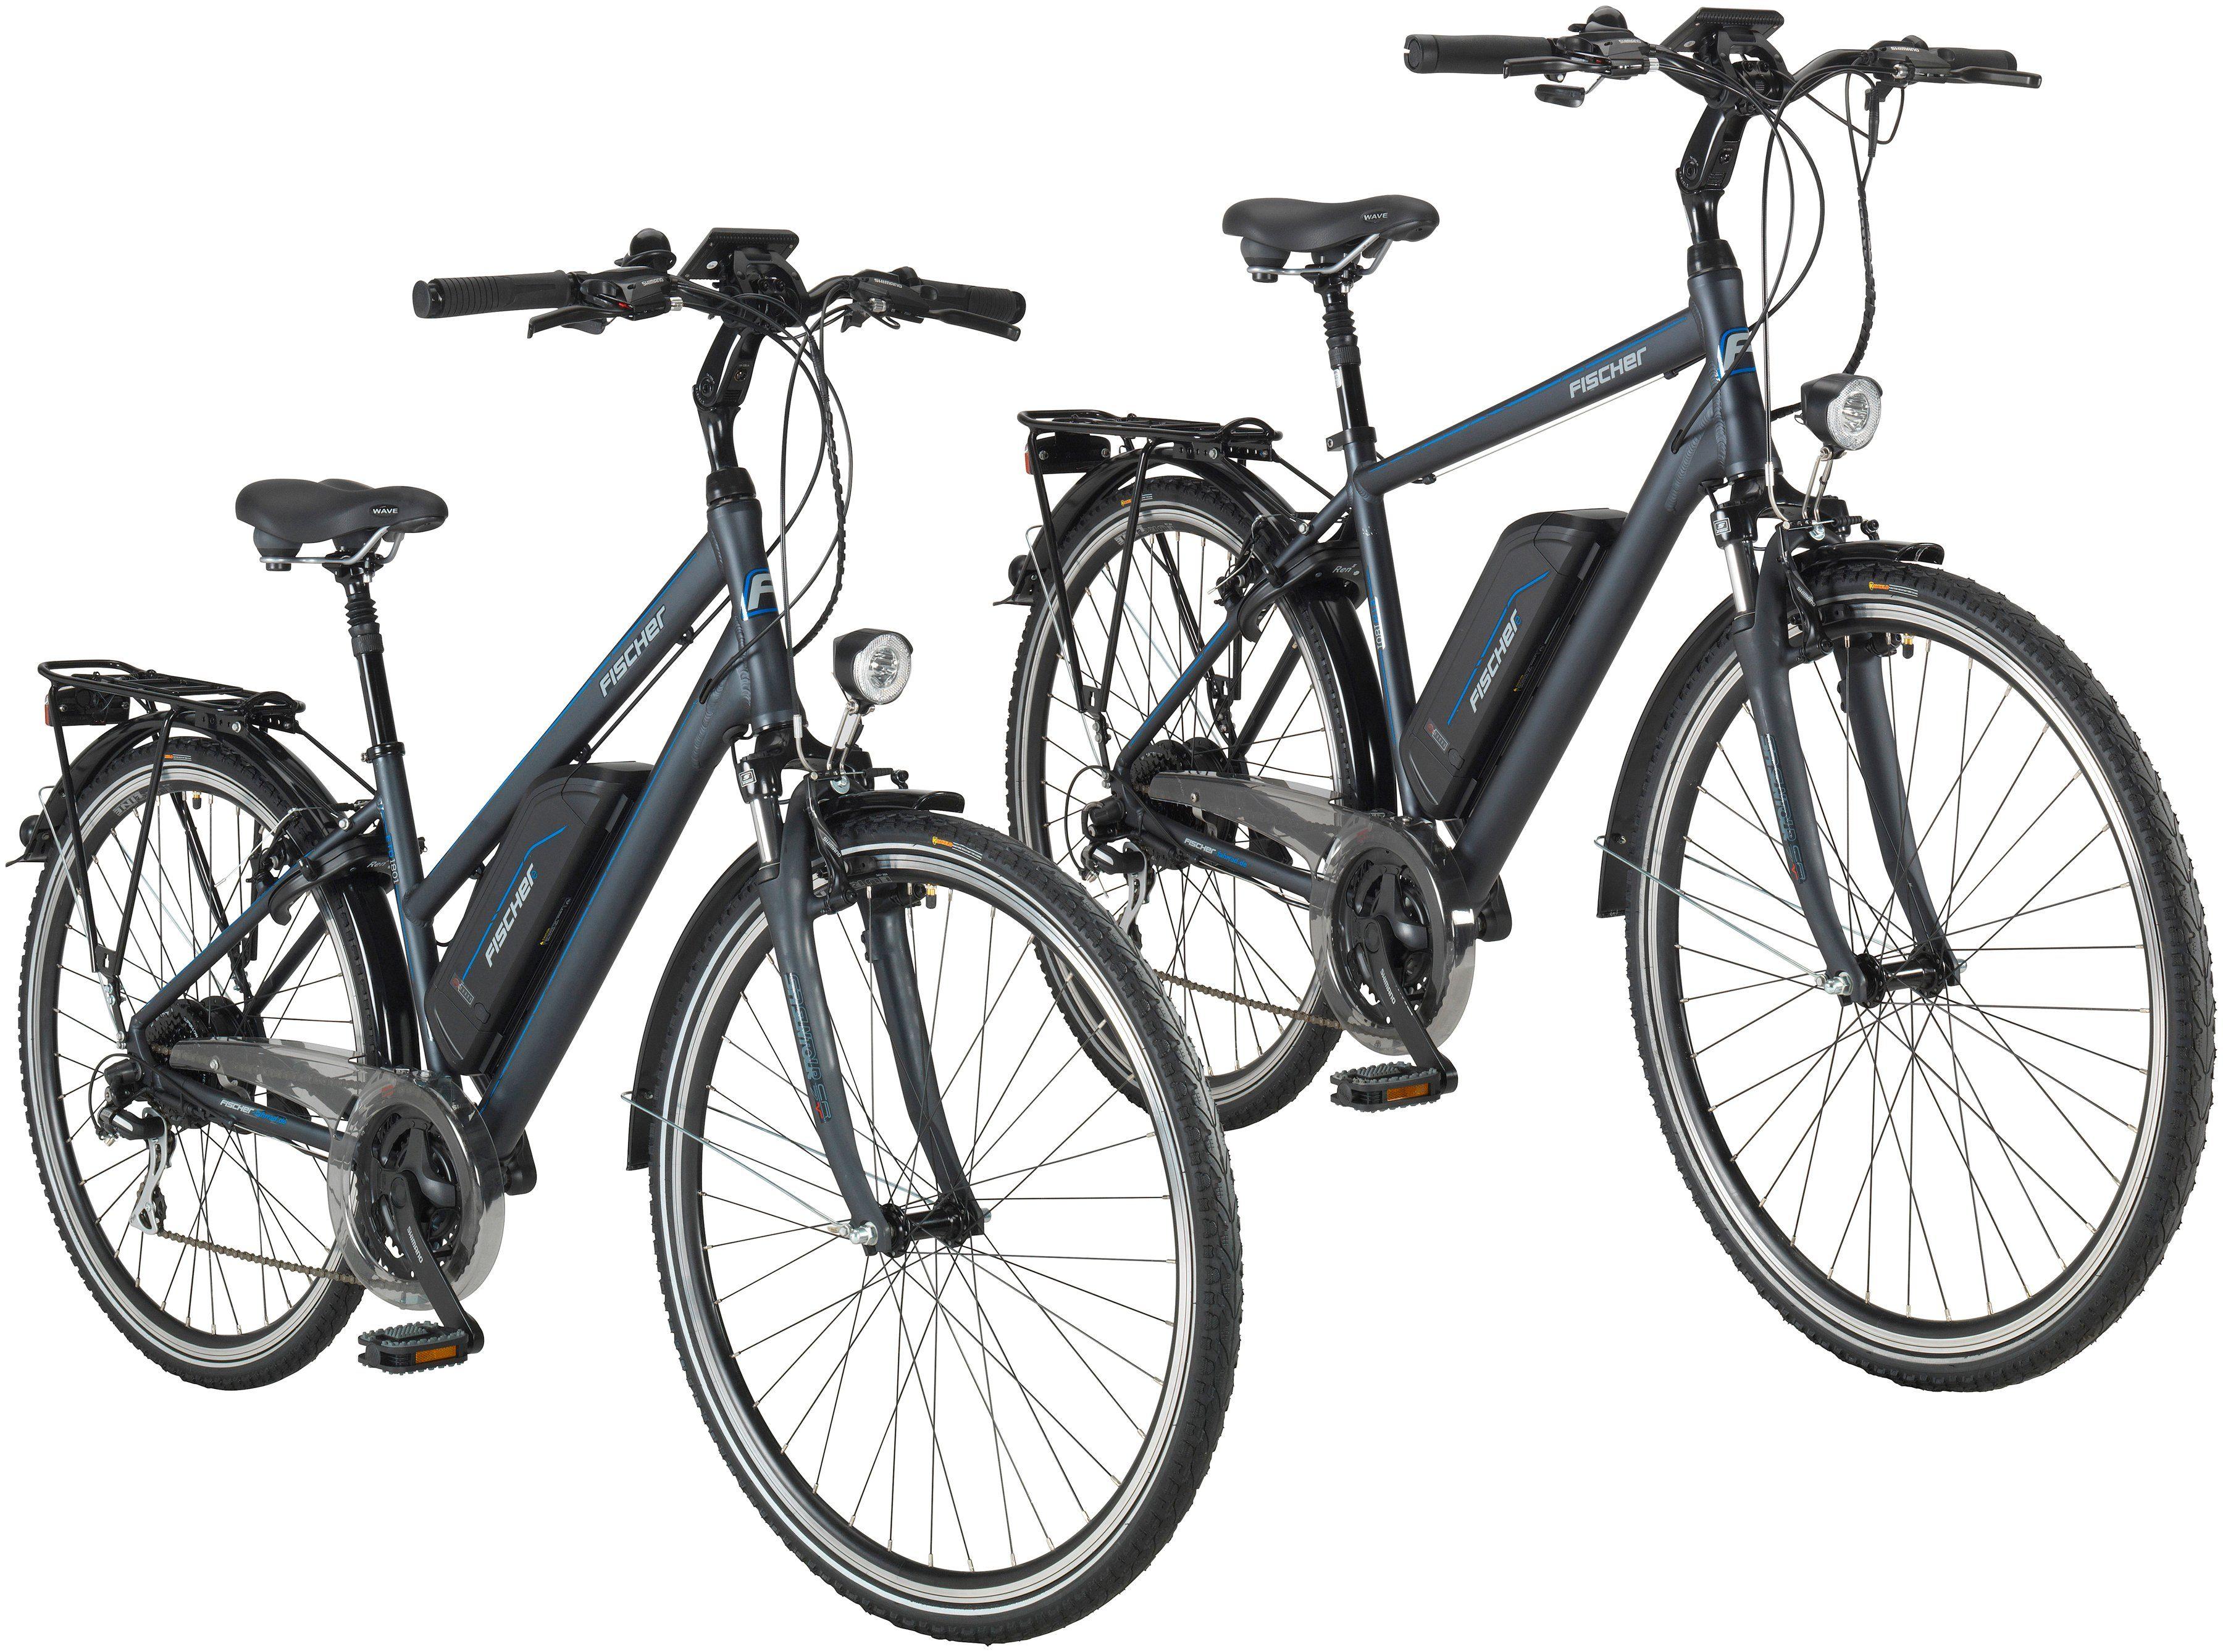 FISCHER FAHRRAEDER Set: E-Bike City »ETD/ETH-1801«, 28 Zoll, 24 Gänge, 396 Wh, Damen + Herren